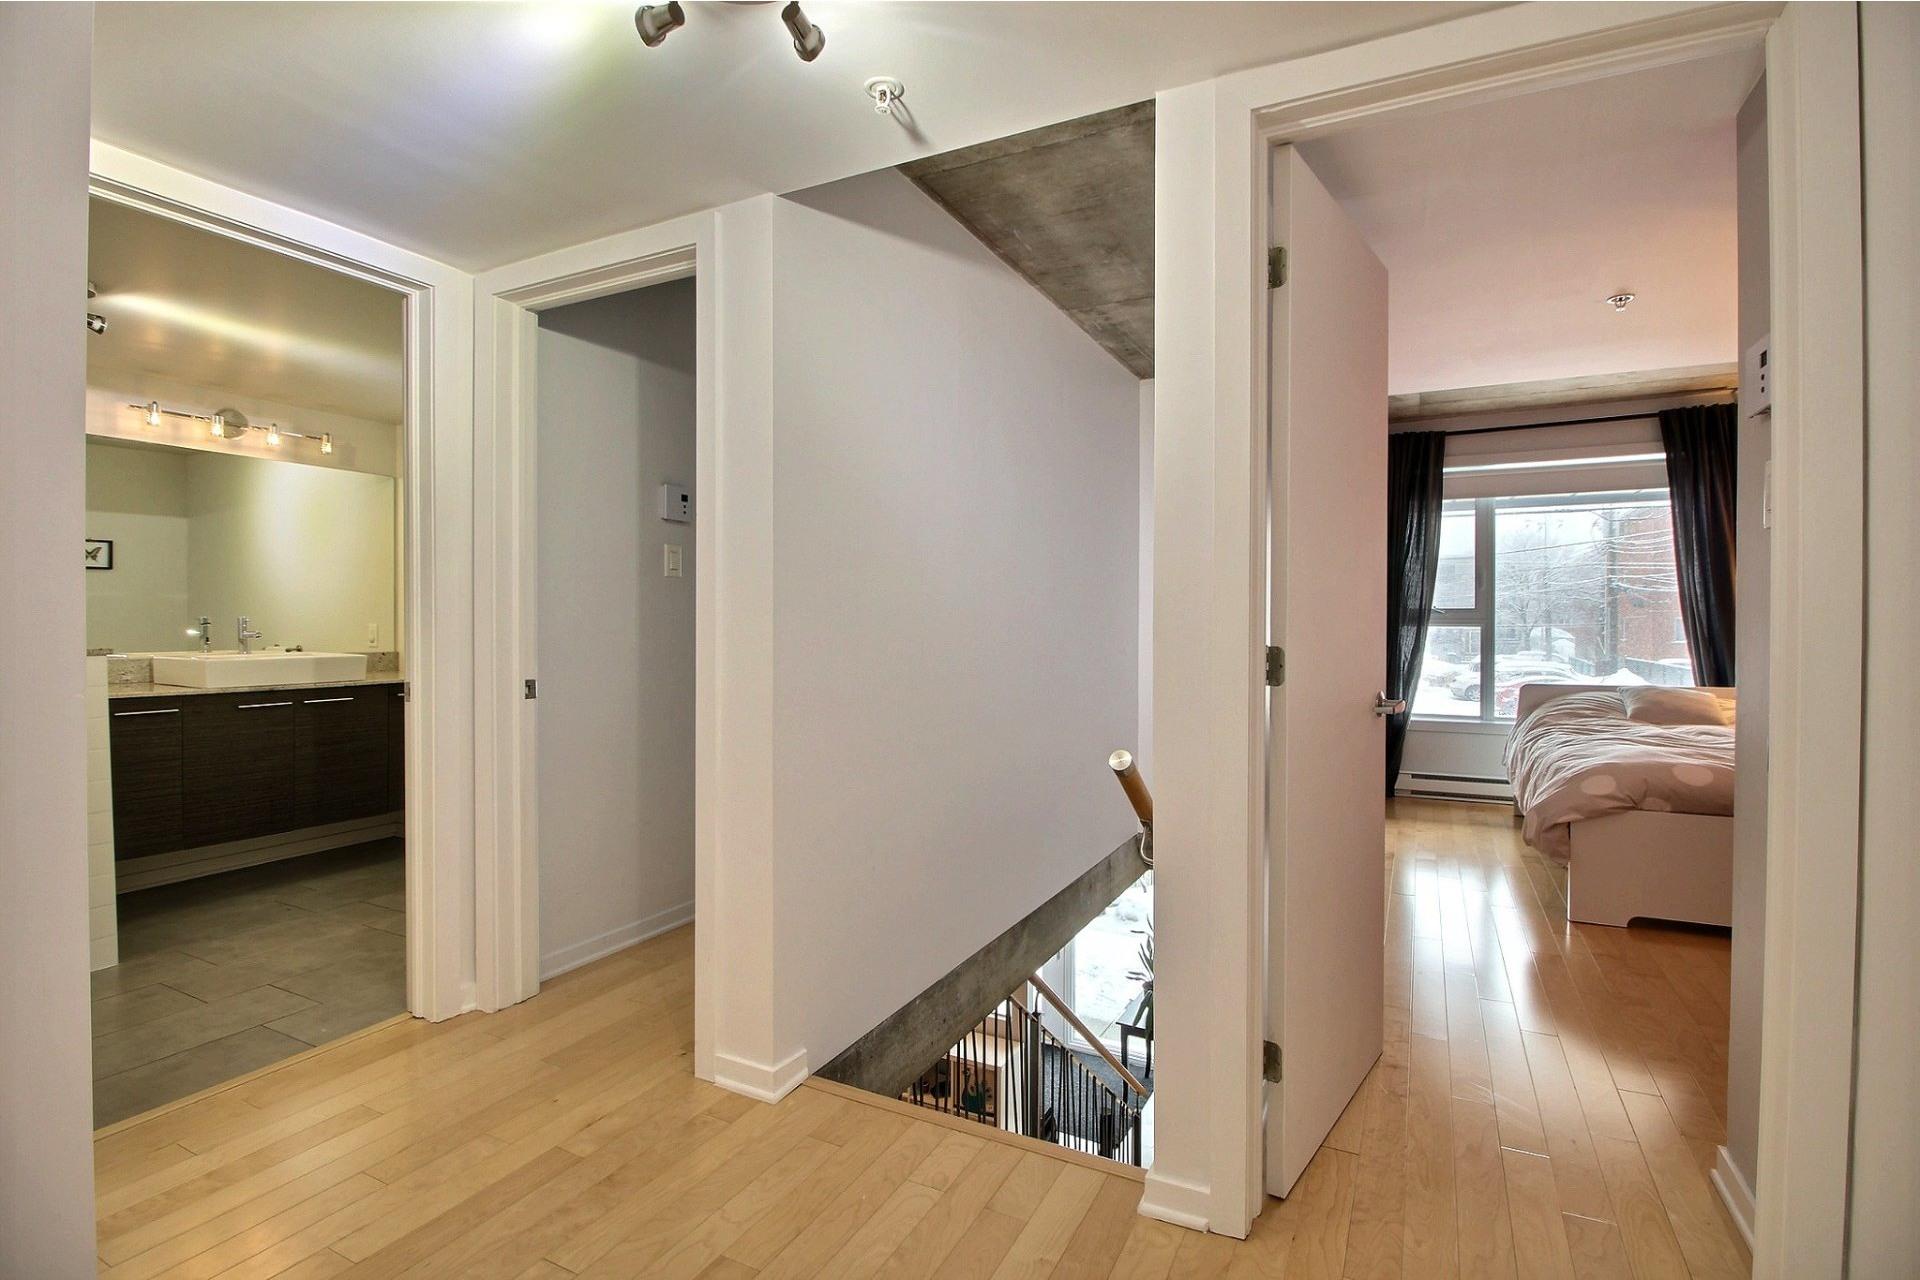 image 2 - Apartment For sale Montréal-Nord Montréal  - 5 rooms